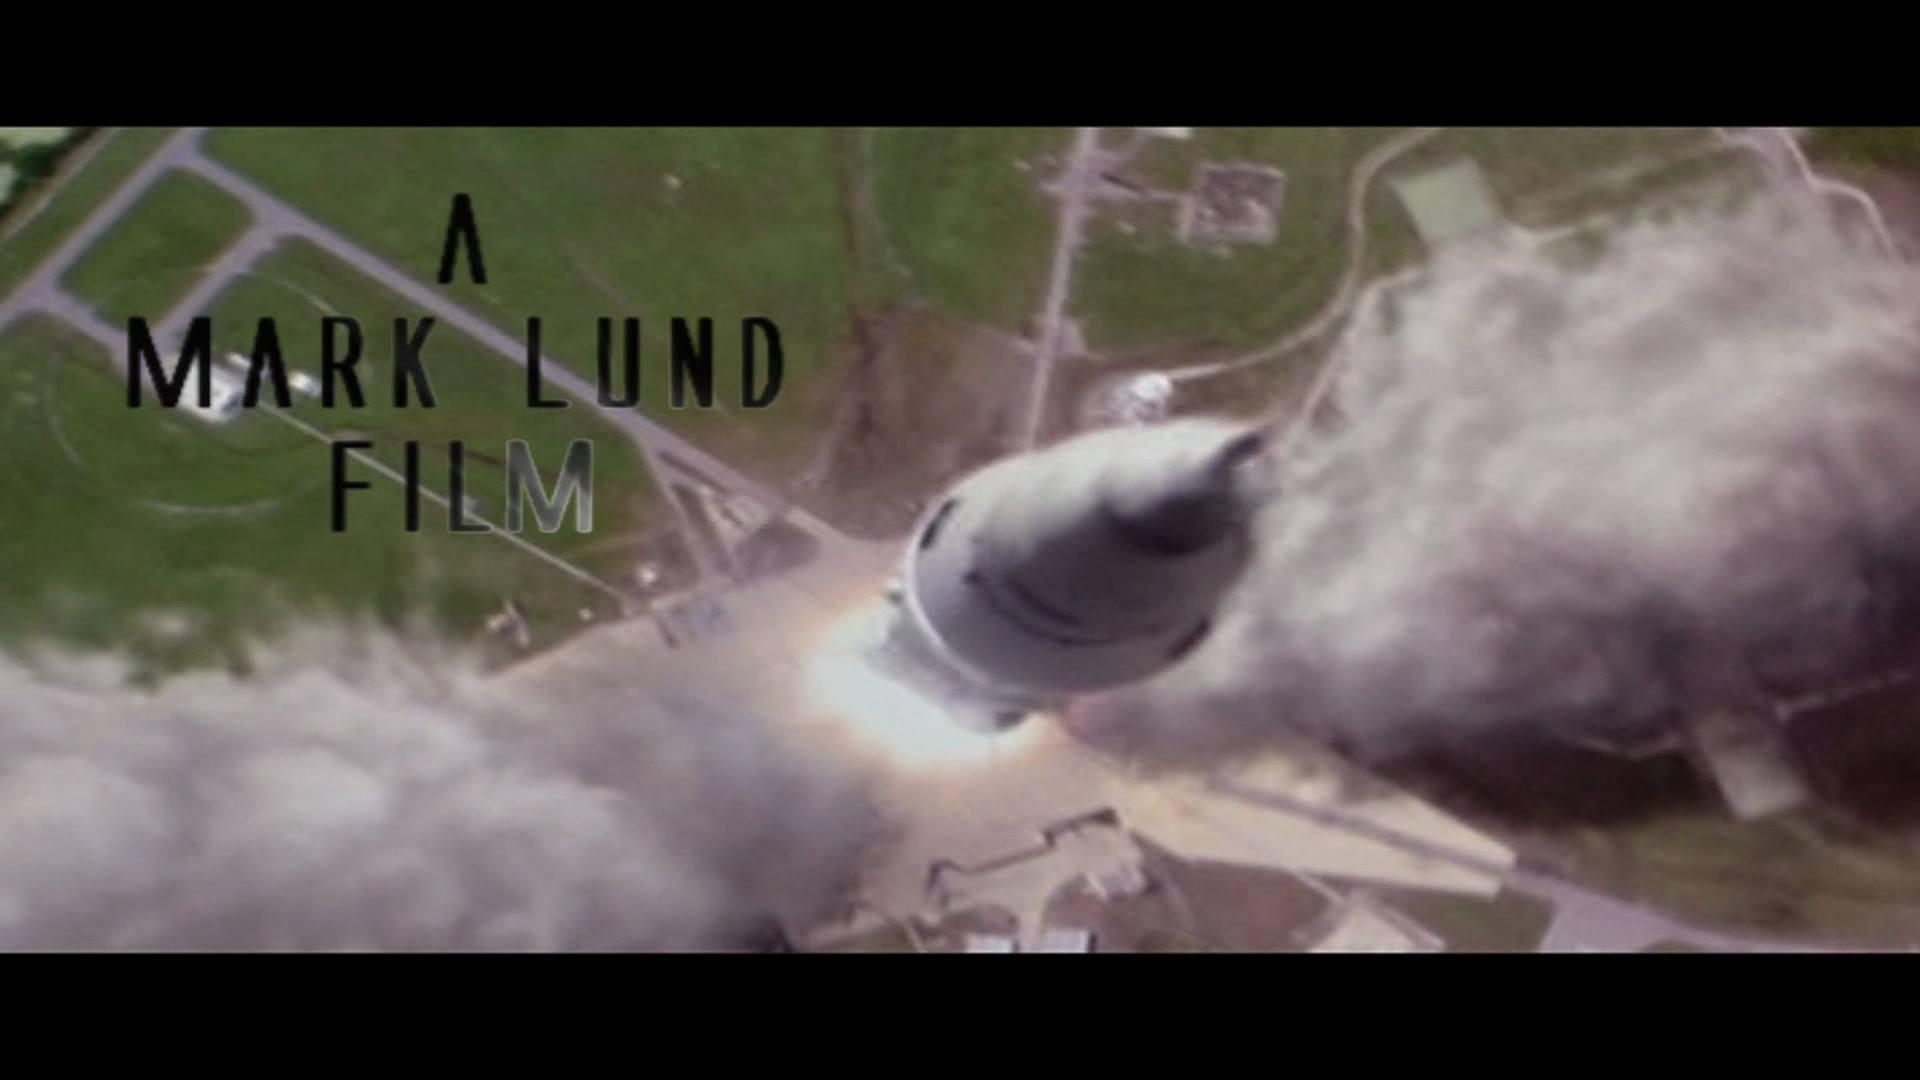 Mark Lund First World